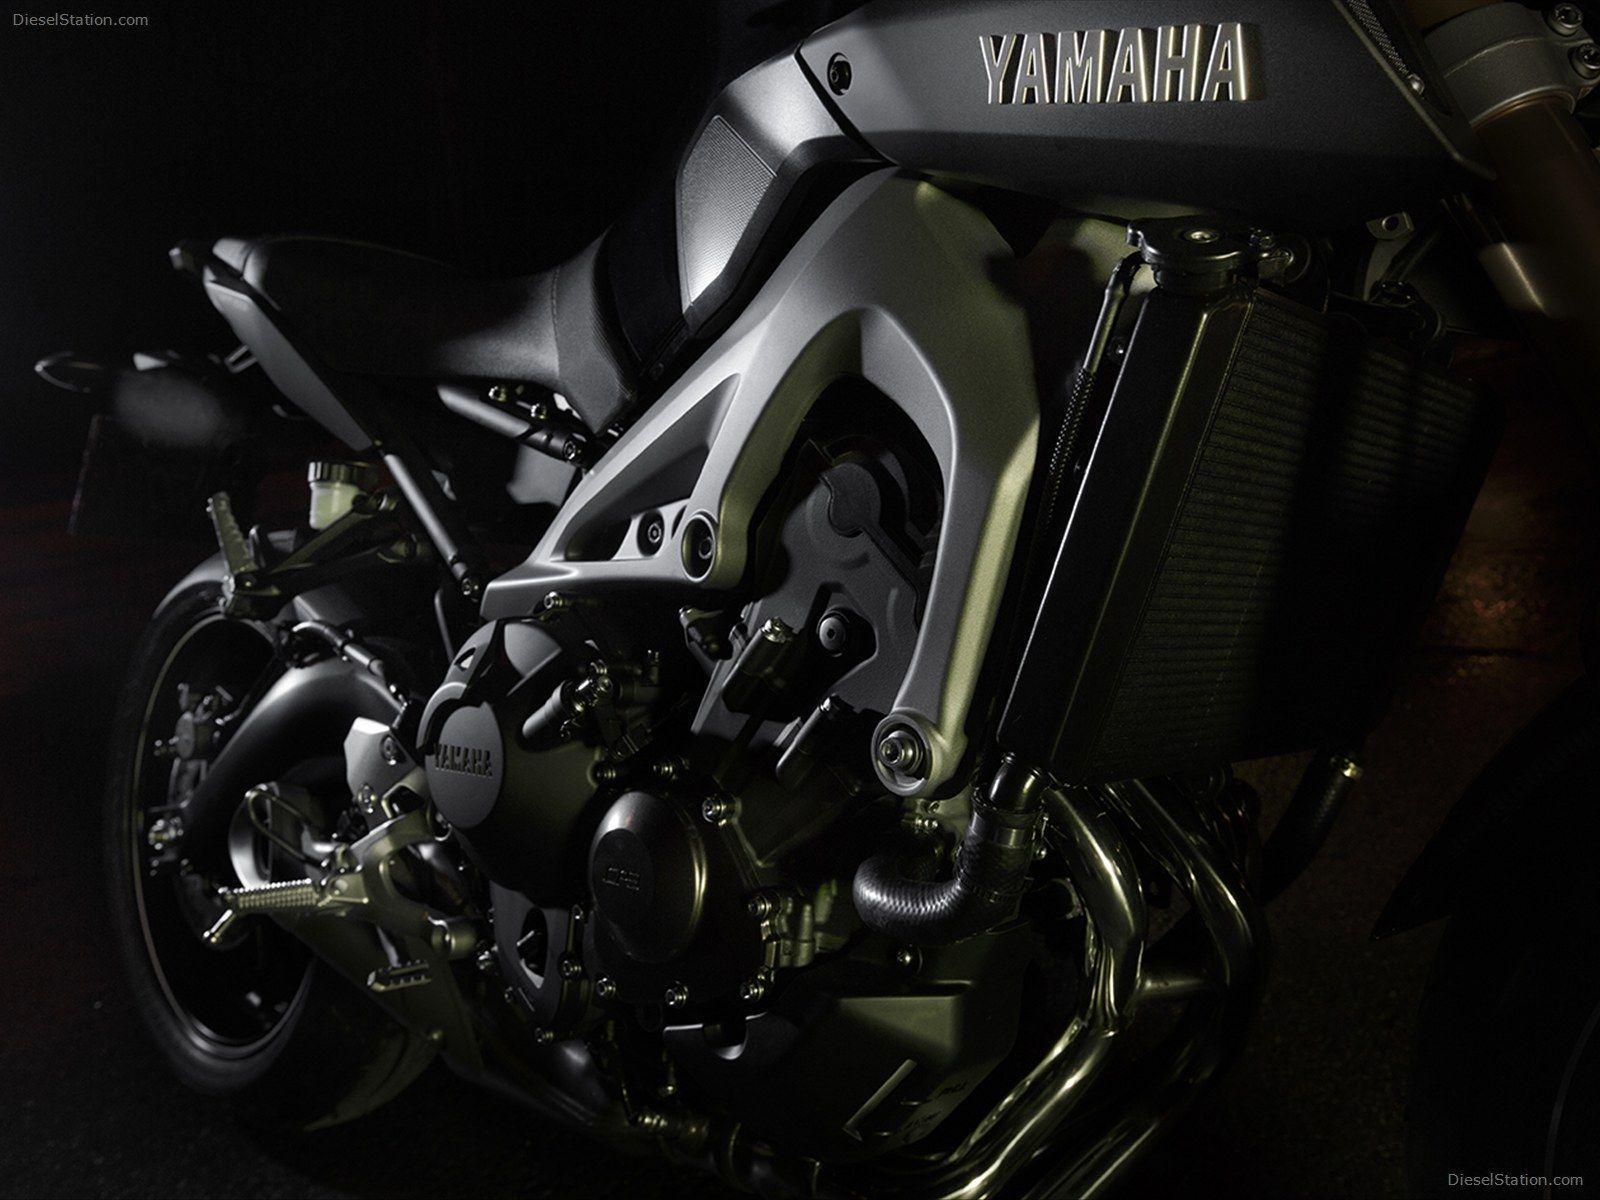 Yamaha MT-09 Wallpapers